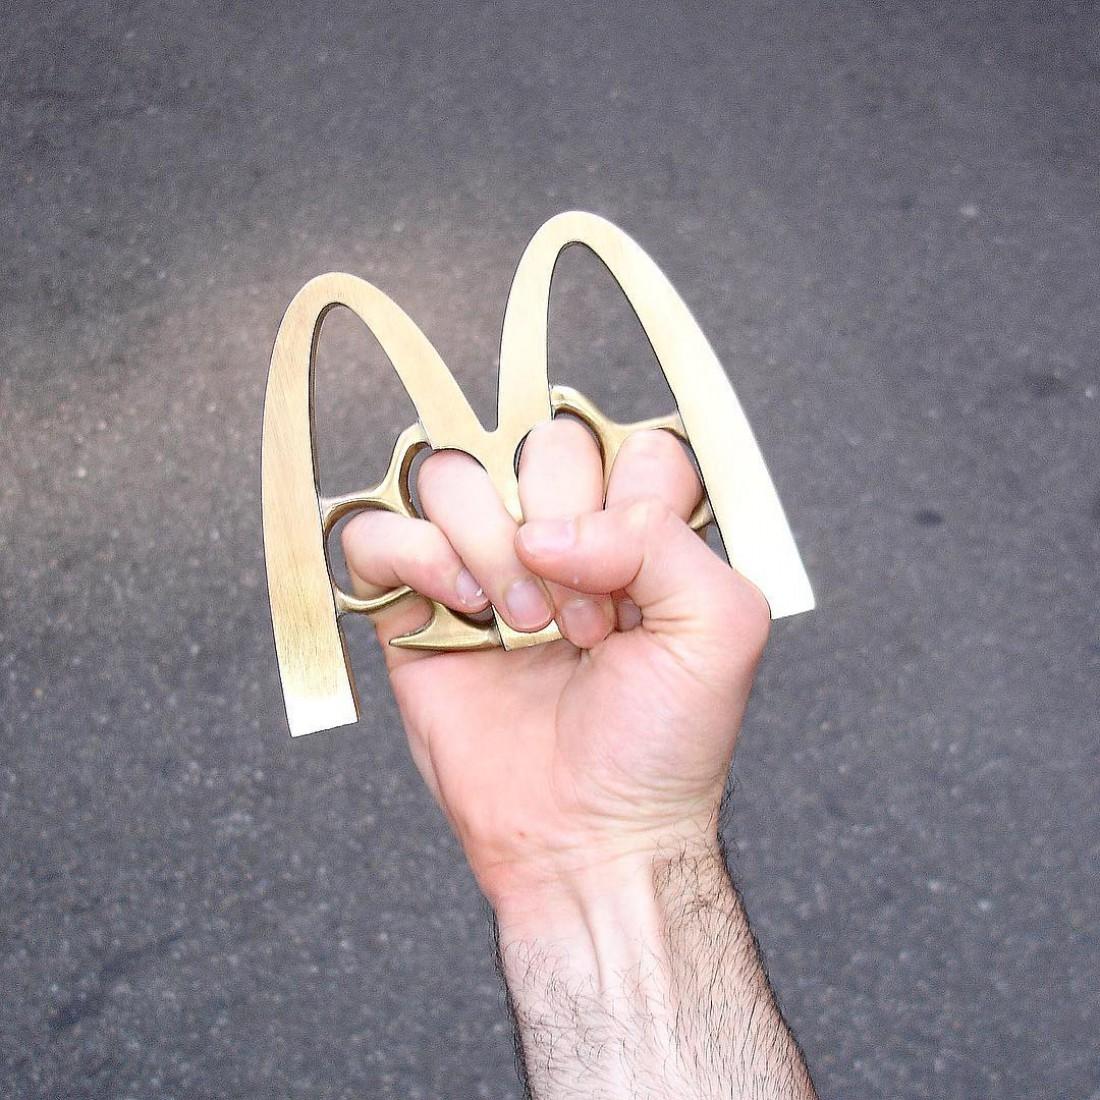 Тот самый McDonalds, которым можно врезать Nike